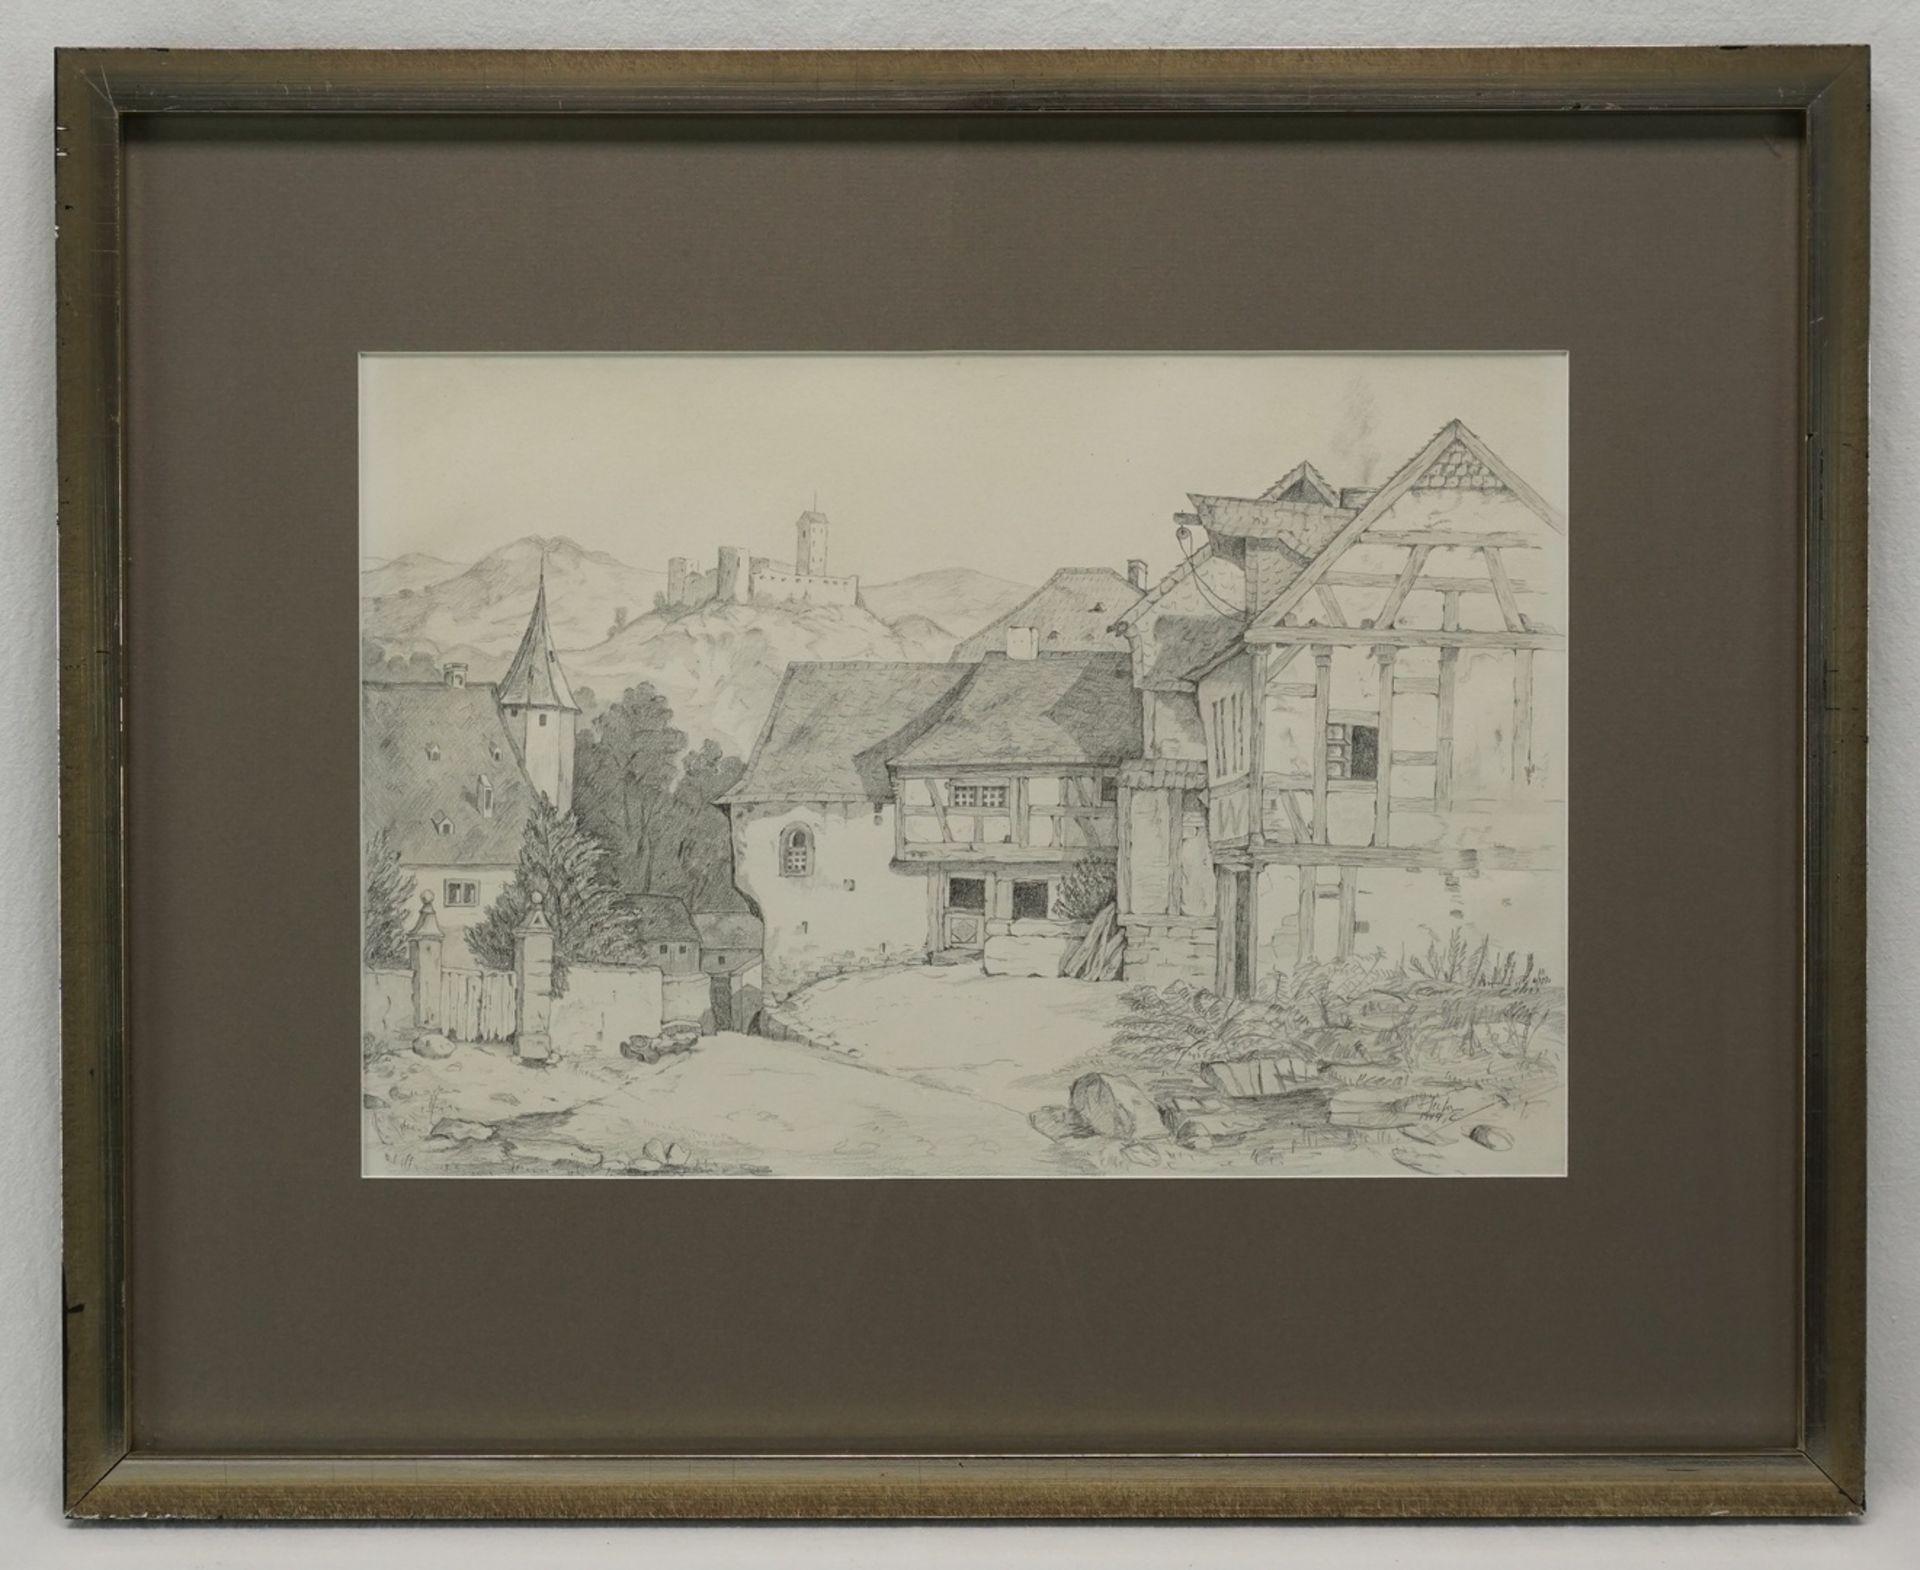 C. Hector, Dorfszene mit Burg - Bild 2 aus 3